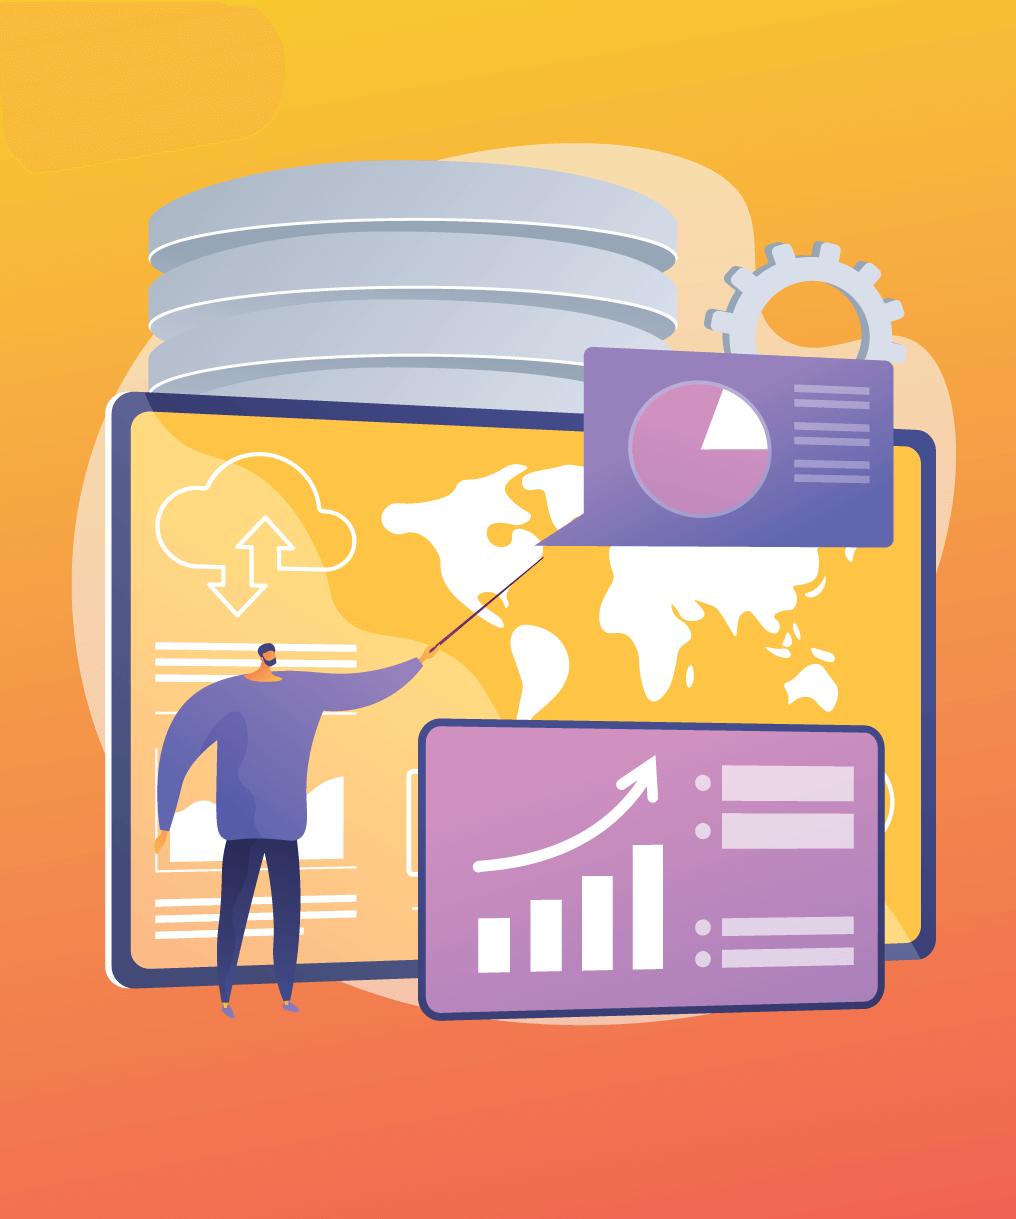 graphs, data, advanced analytics, analytics reports